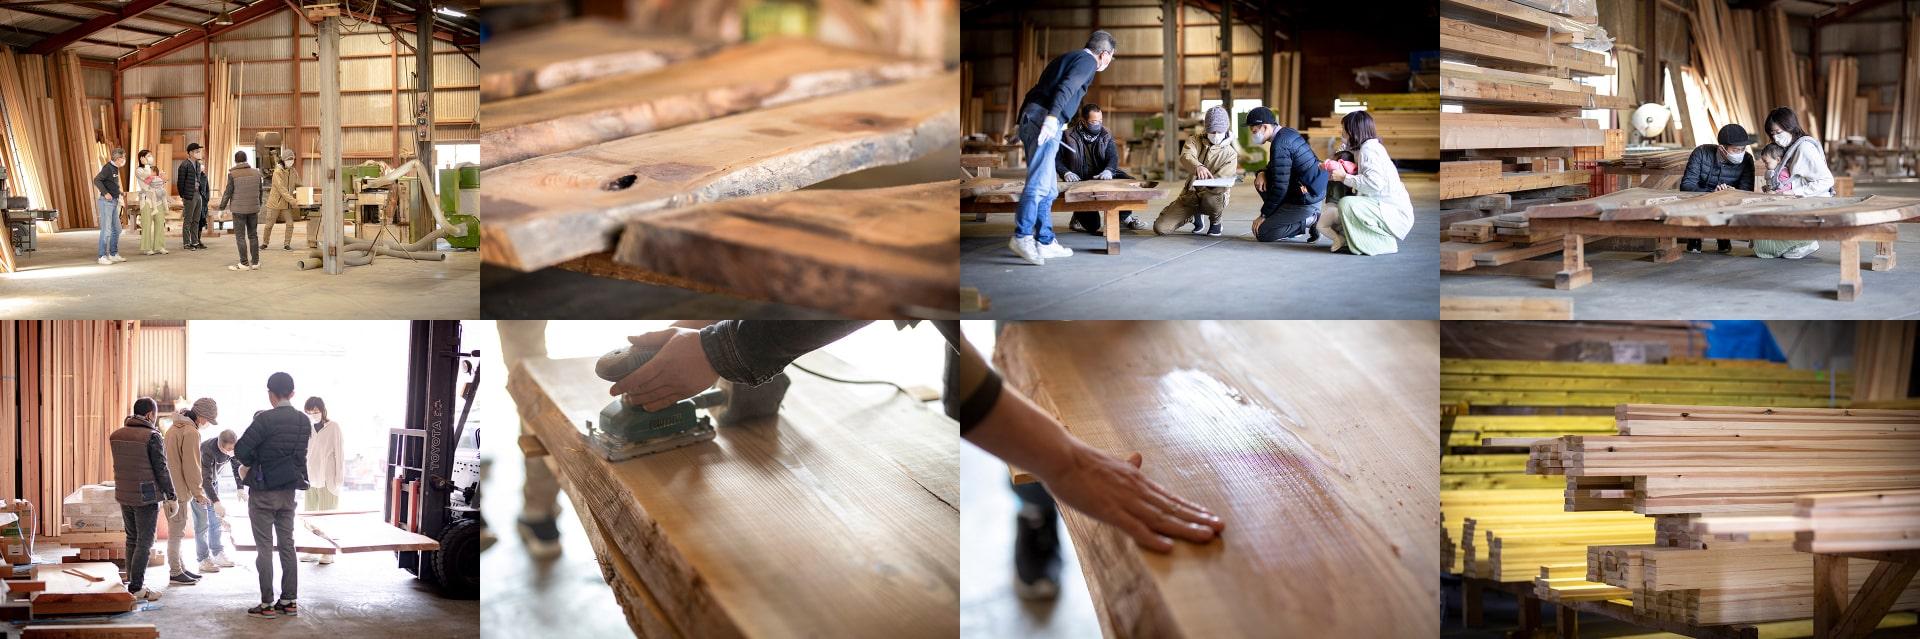 建築家やデザイナーと一緒に、木材を選んでいただくことも可能です。特にこだわりのカウンターやテーブル材については、事前に色の確認もしていただけます。